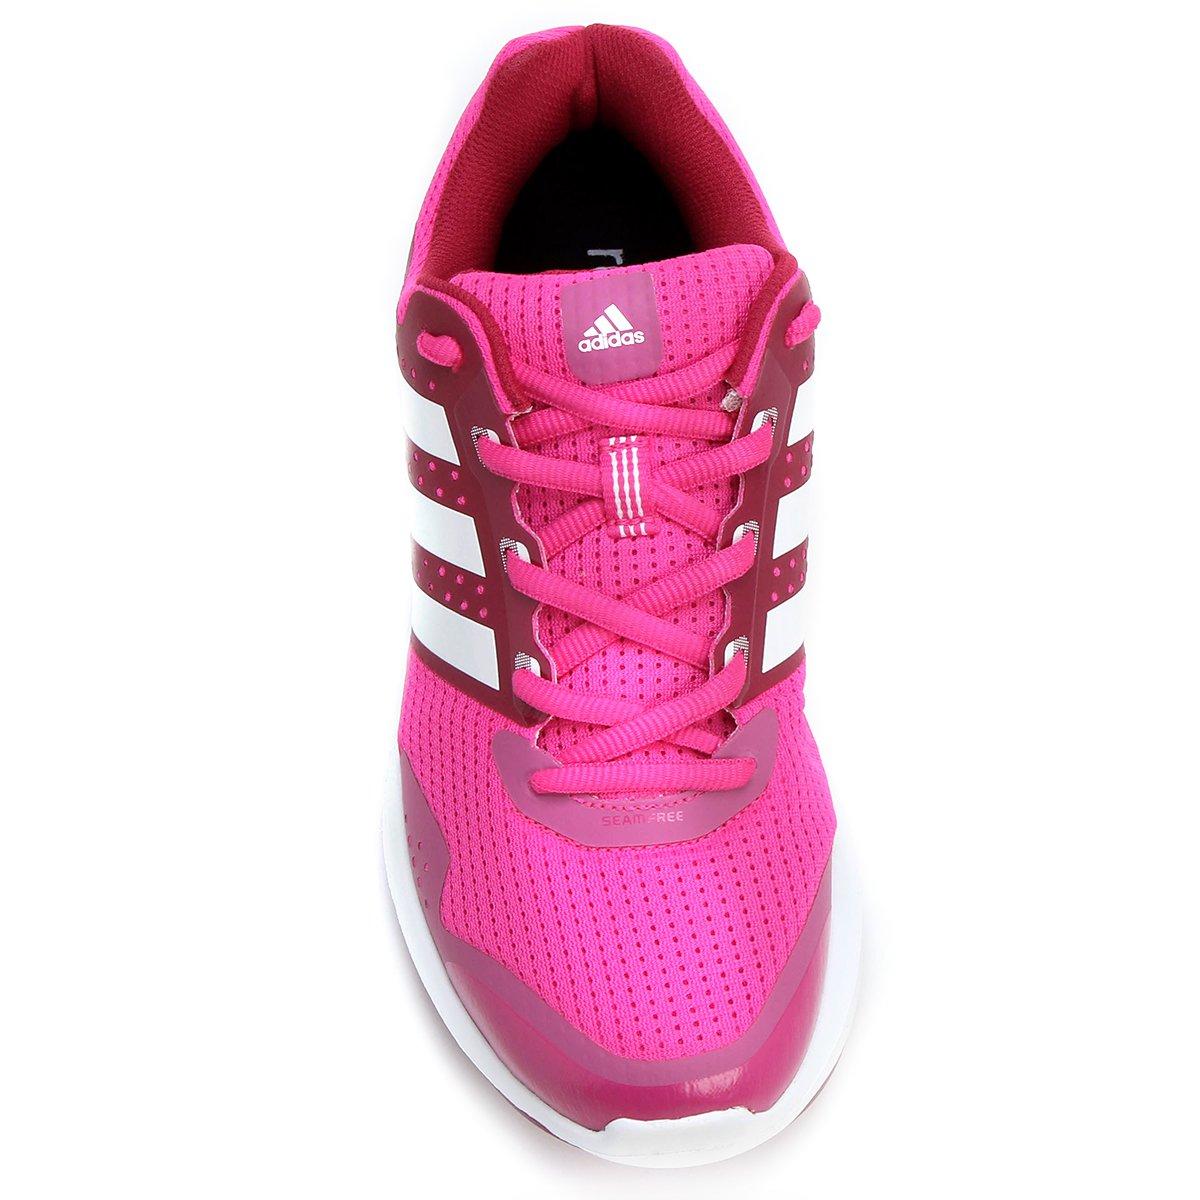 c50e770591 Tênis Adidas Duramo 7 Feminino - Rosa e Vermelho - Compre Agora ...